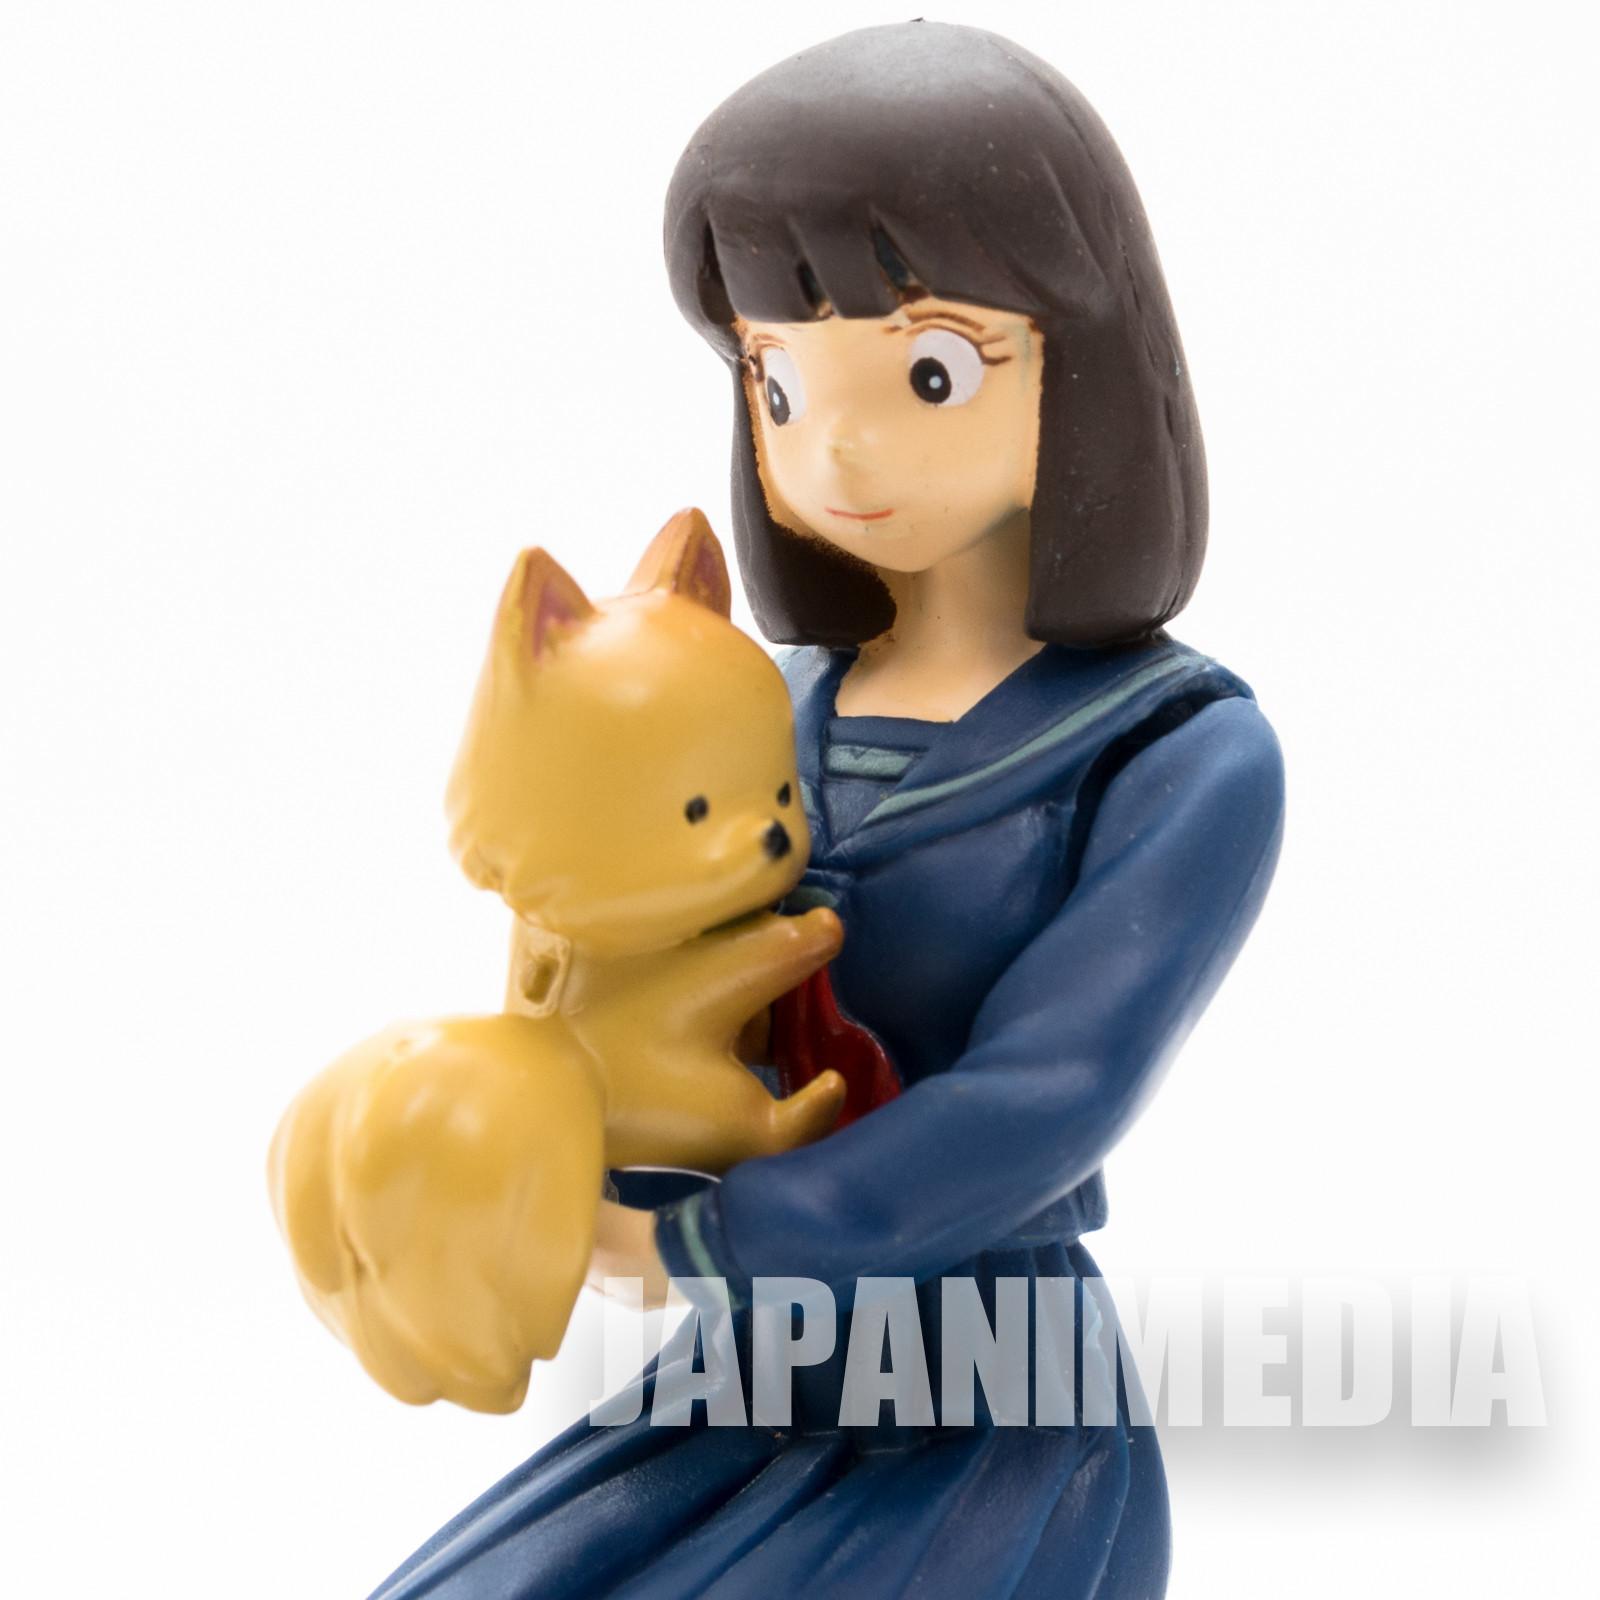 Urusei Yatsura Shinobu Miyake Mini Figure Rumiko Takahasi Collection JAPAN